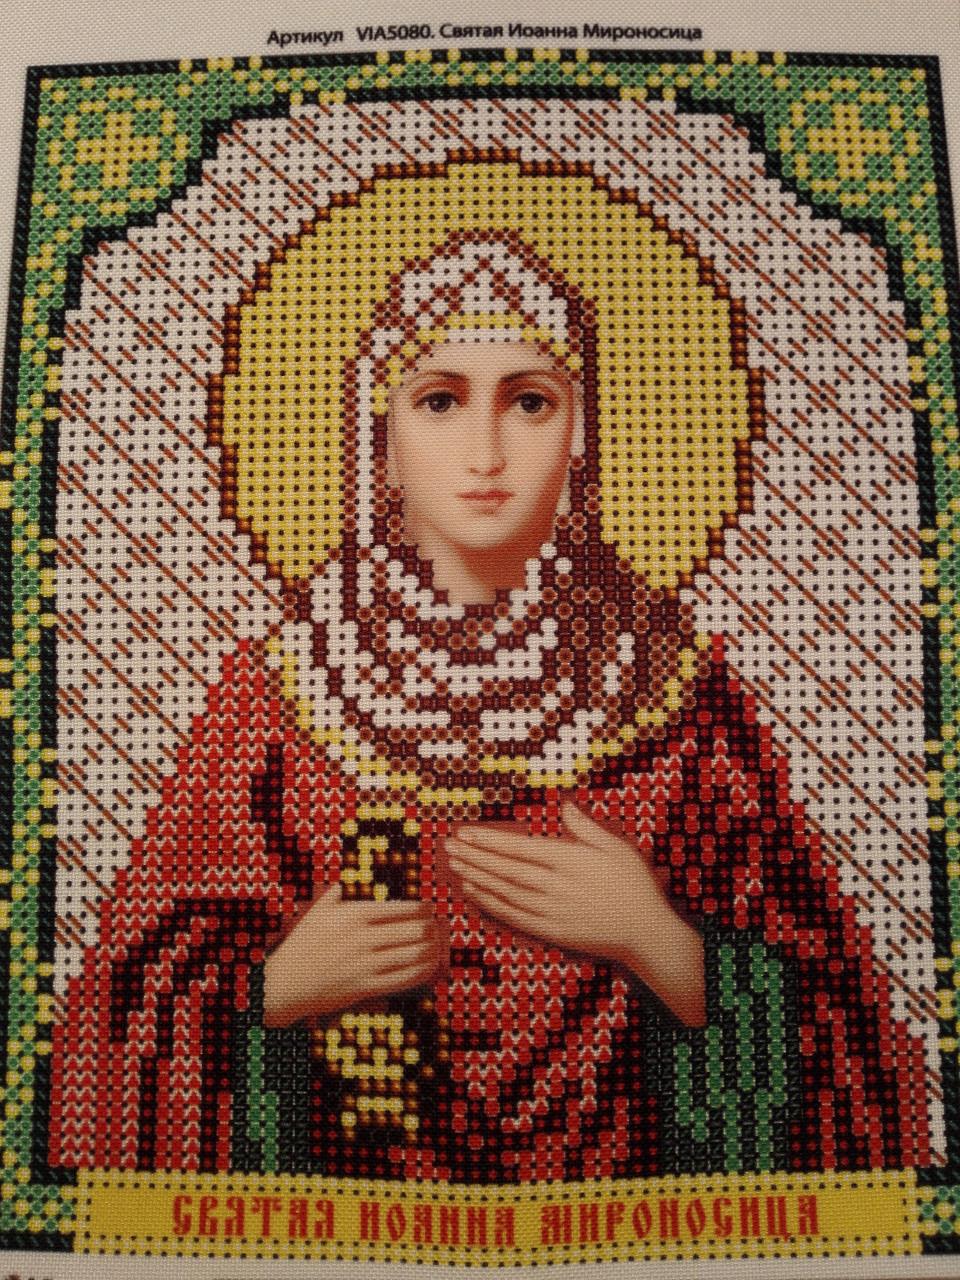 Набор для вышивки бисером икона Святая Иоанна Мироносица VIA 5080